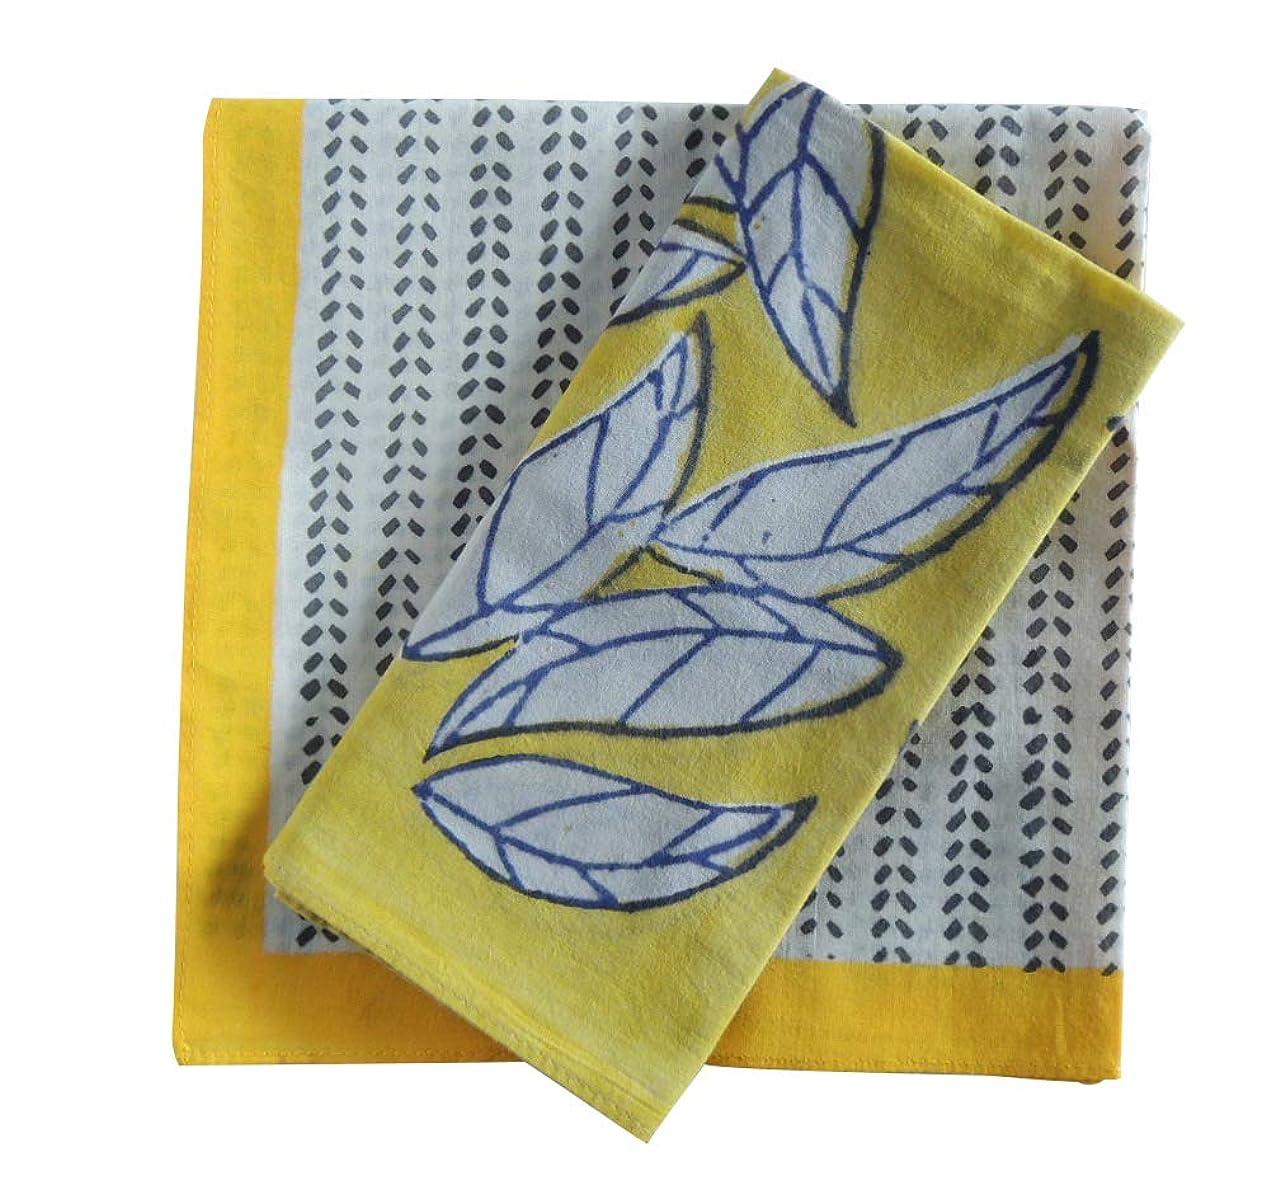 毎日ラインナップくそーバンダナ 大判 黄色 2枚 セット 花柄 おしゃれ インド綿 コットン 北欧 カントリー ナチュラル ハンドブロックプリント イエロー ギフト プレゼント a_bn_085